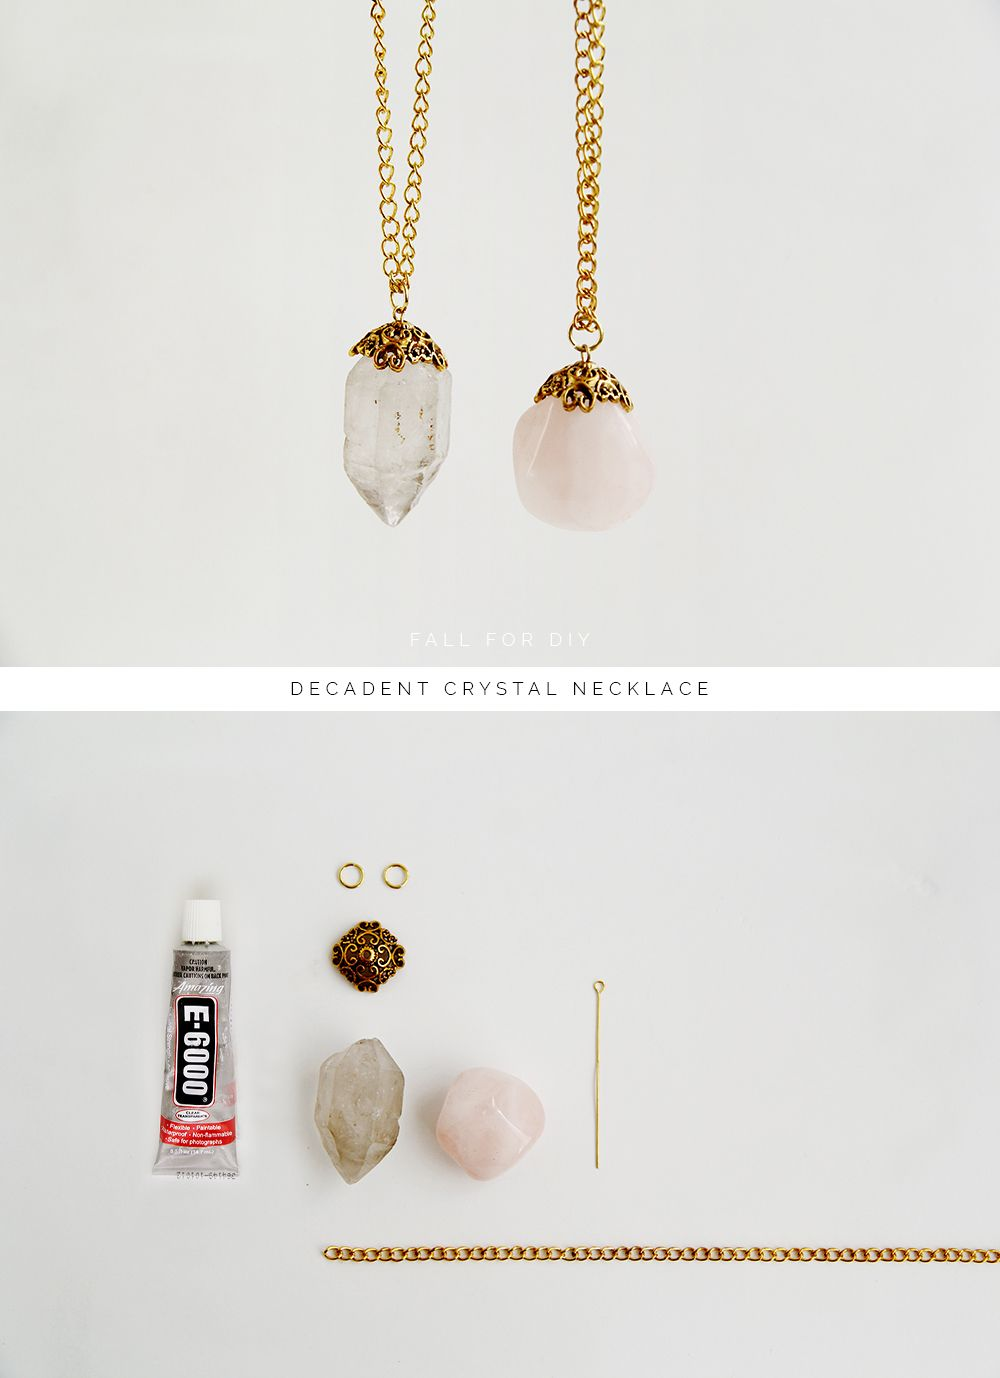 Diy decadent crystal necklace necklace diy crystal necklace crafts diy decadent crystal necklace necklace diy crystal necklace crafts craft ideas diy crafts do it yourself solutioingenieria Gallery